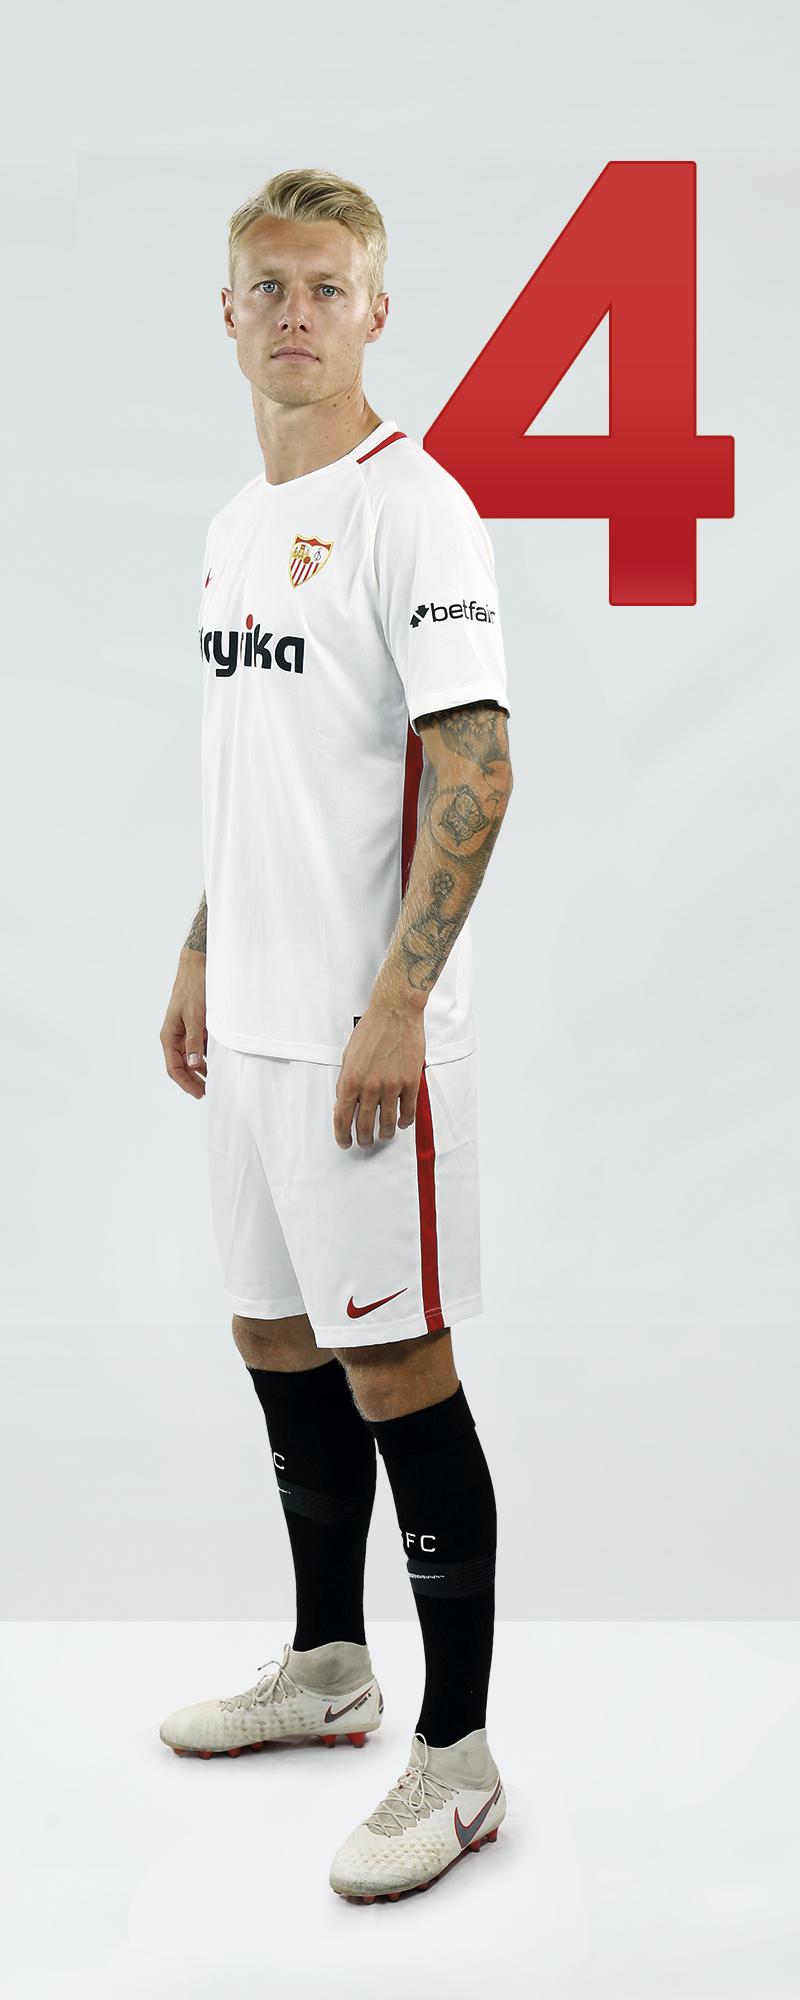 Maillot Domicile Sevilla FC Kjaer